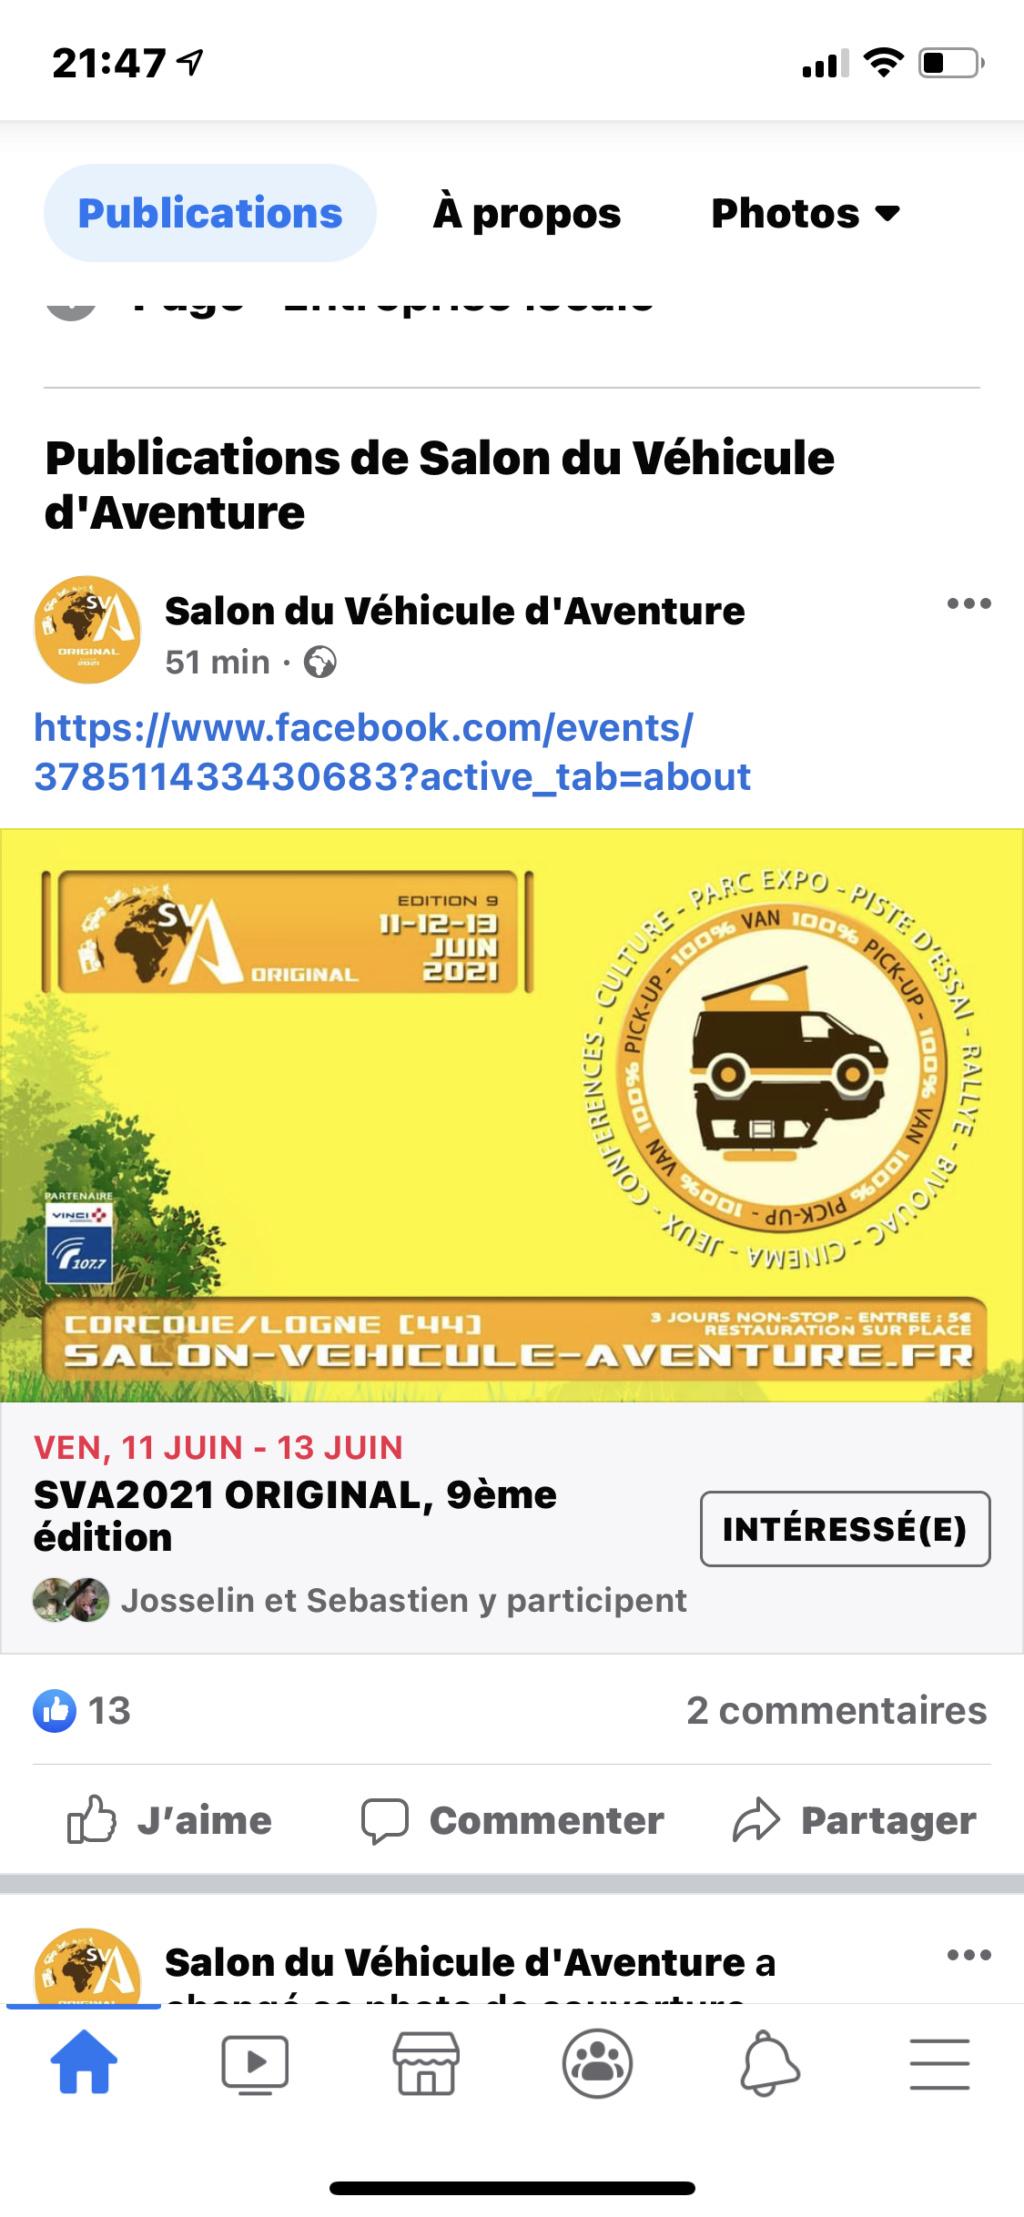 Salon du Véhicule d'Aventure SVA 2021 - Corcoué sur Logne (44) : du 11 au 13 juin - Page 4 2ca53910